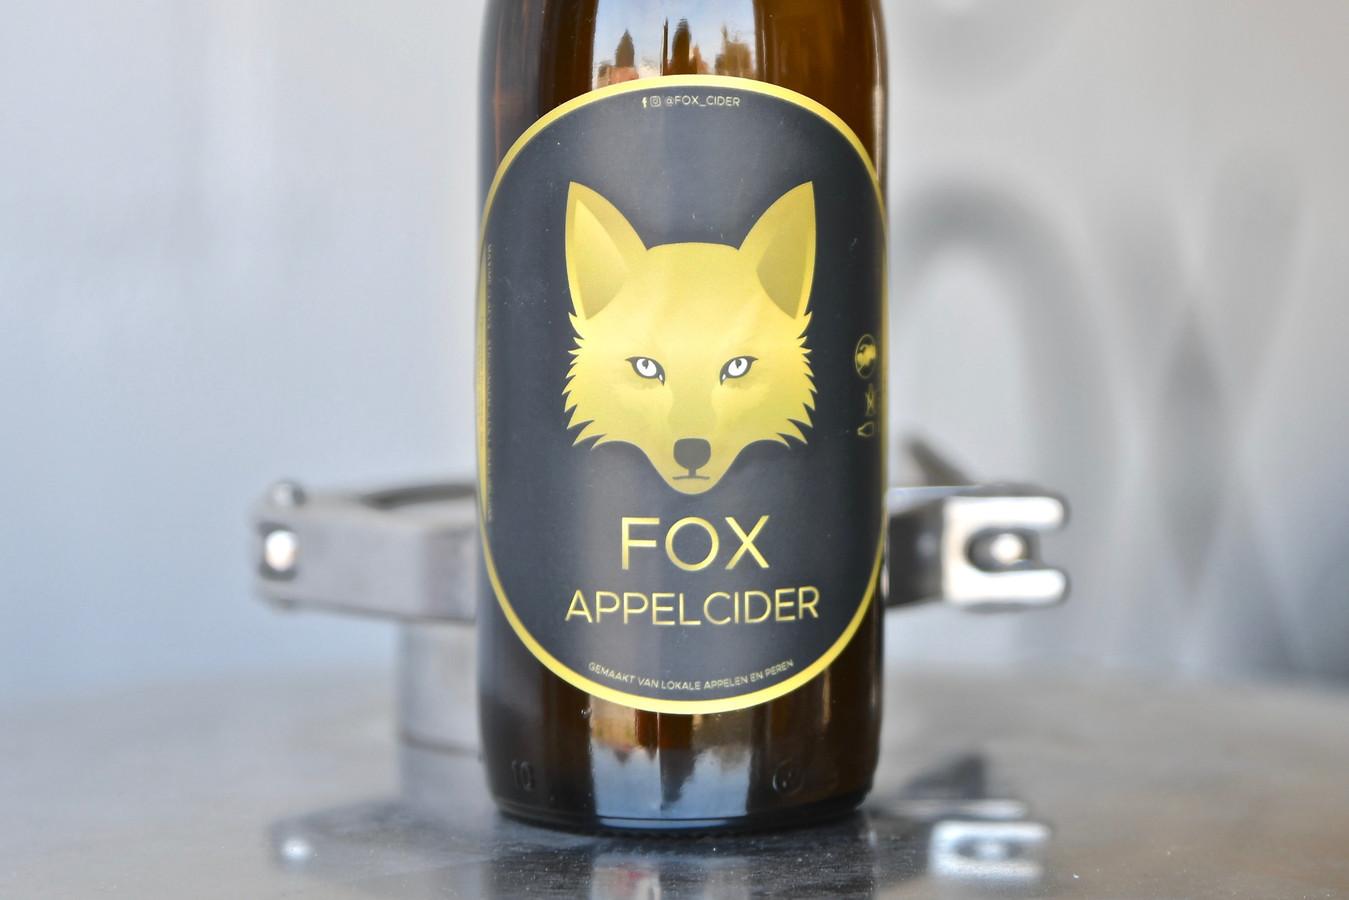 Het etiket op de fles is een ontwerp van Michiel Vandamme.